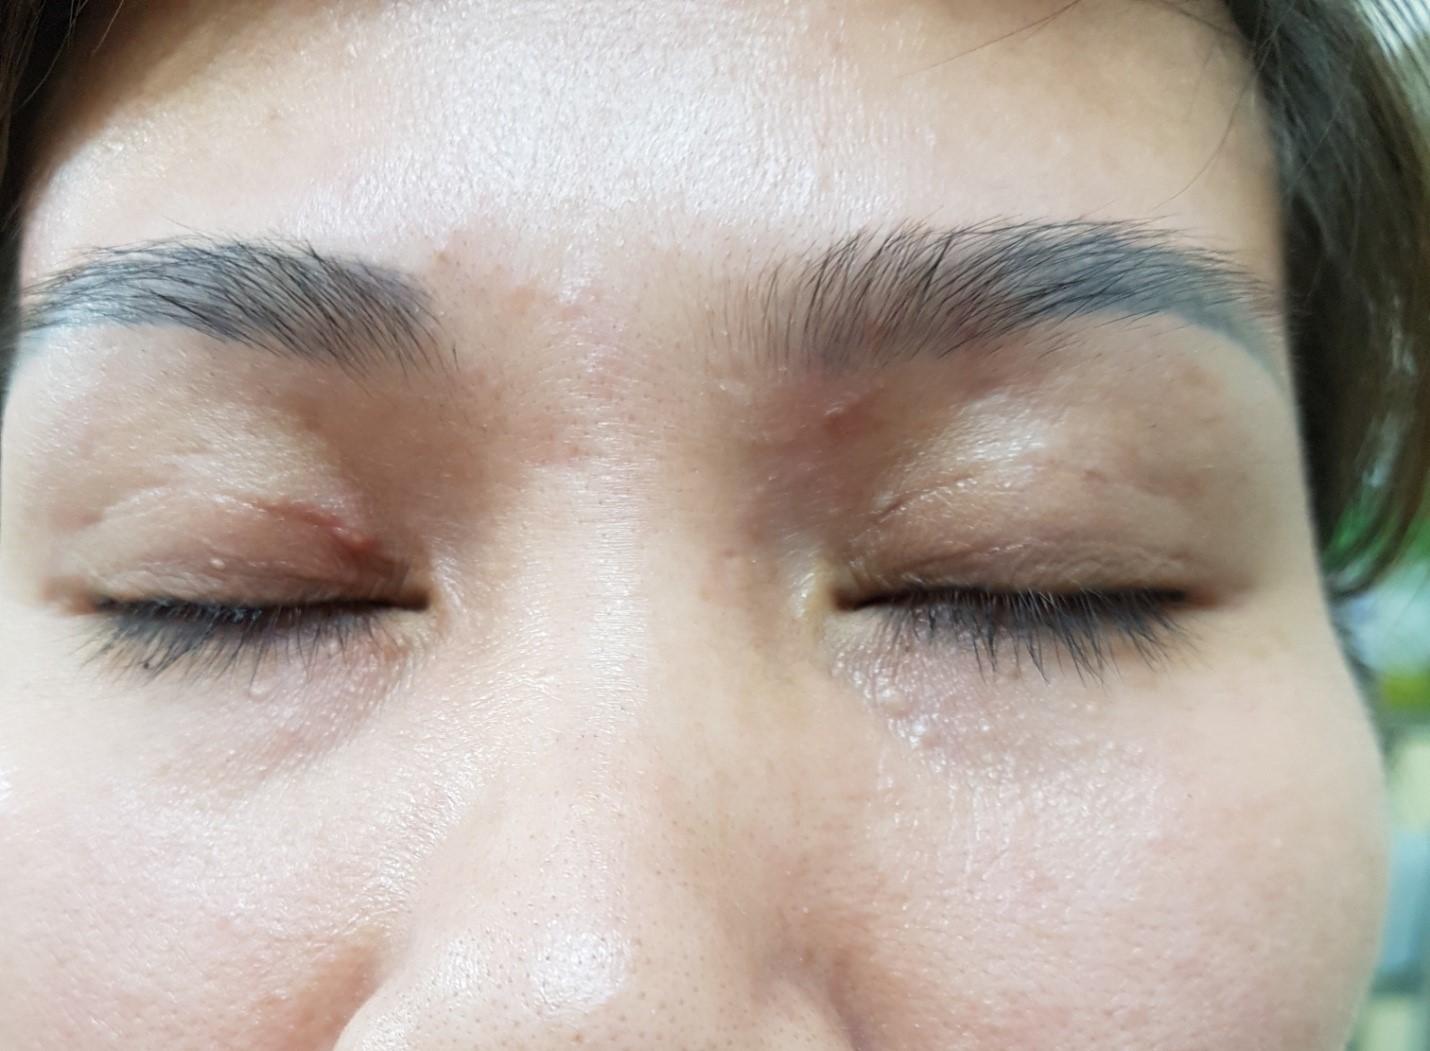 Khách hàng bị mắt ba mí hai bên, mắt gián nhấm, nhiễm trùng micro apxe góc trong mí phải